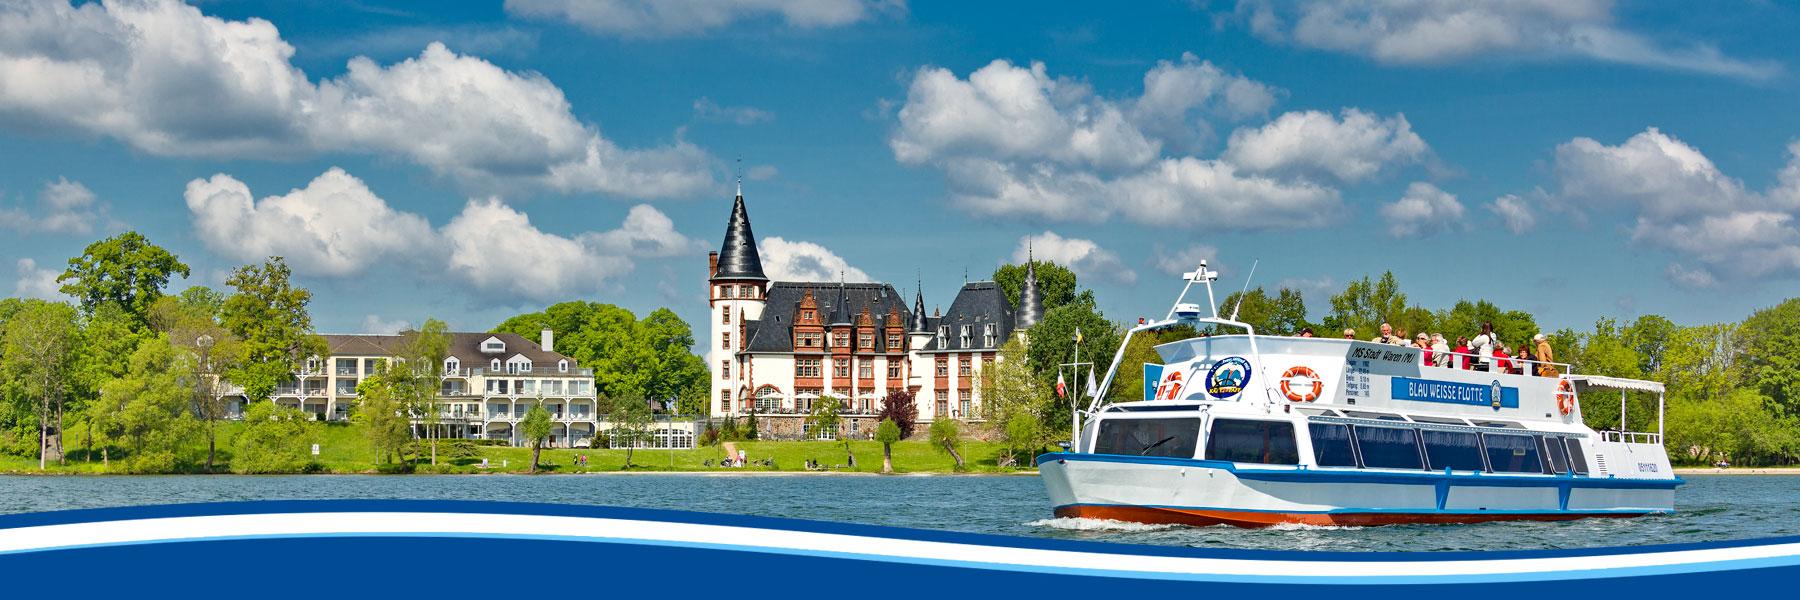 Klink - Blau Weisse Flotte Müritz & Seen in Waren